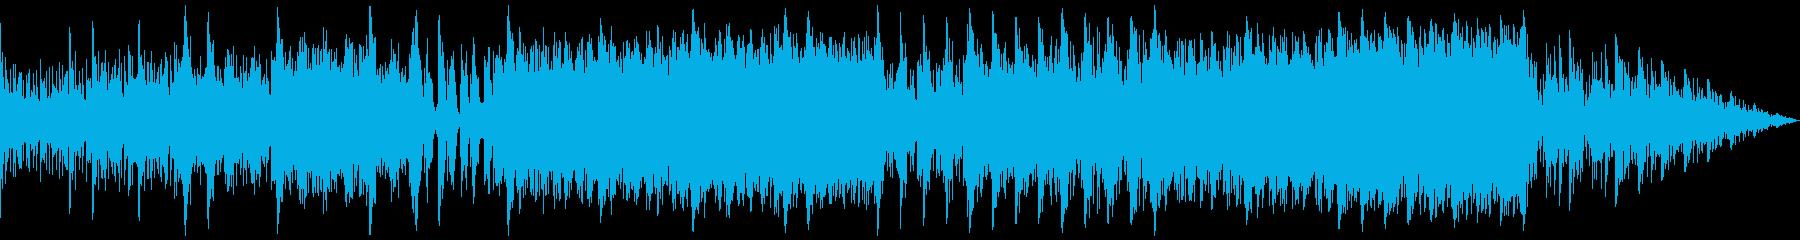 シネマティック アクション クール...の再生済みの波形